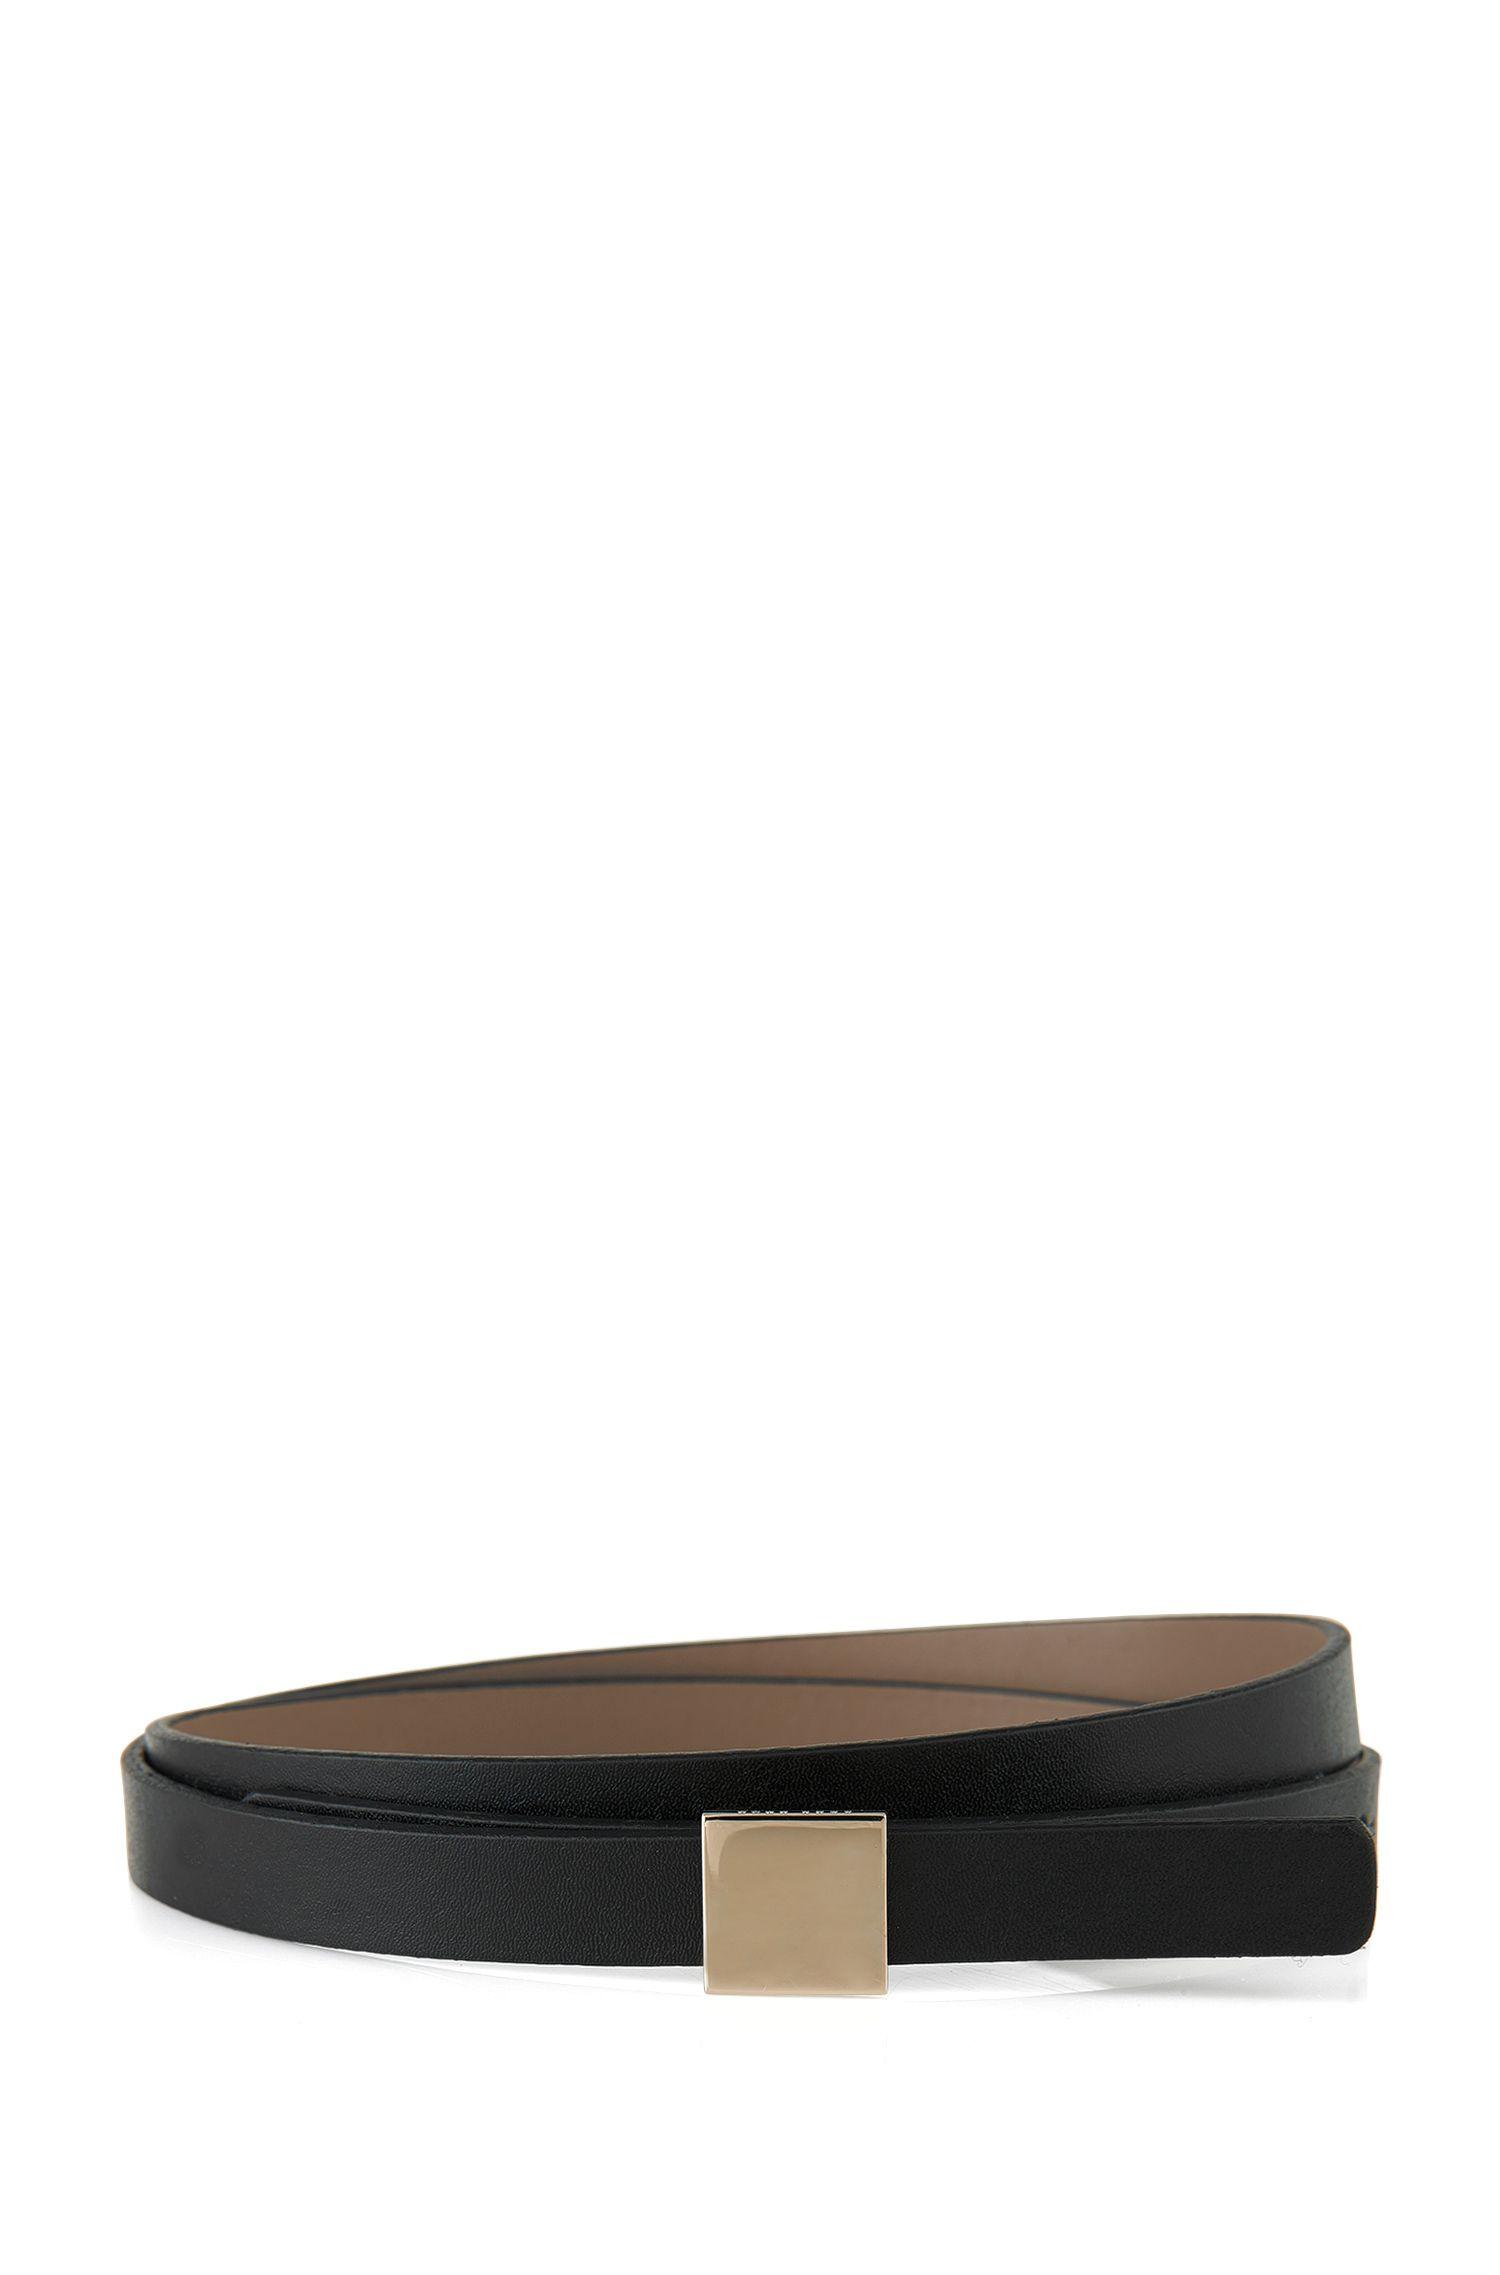 Cinturón de piel con hebilla de placa